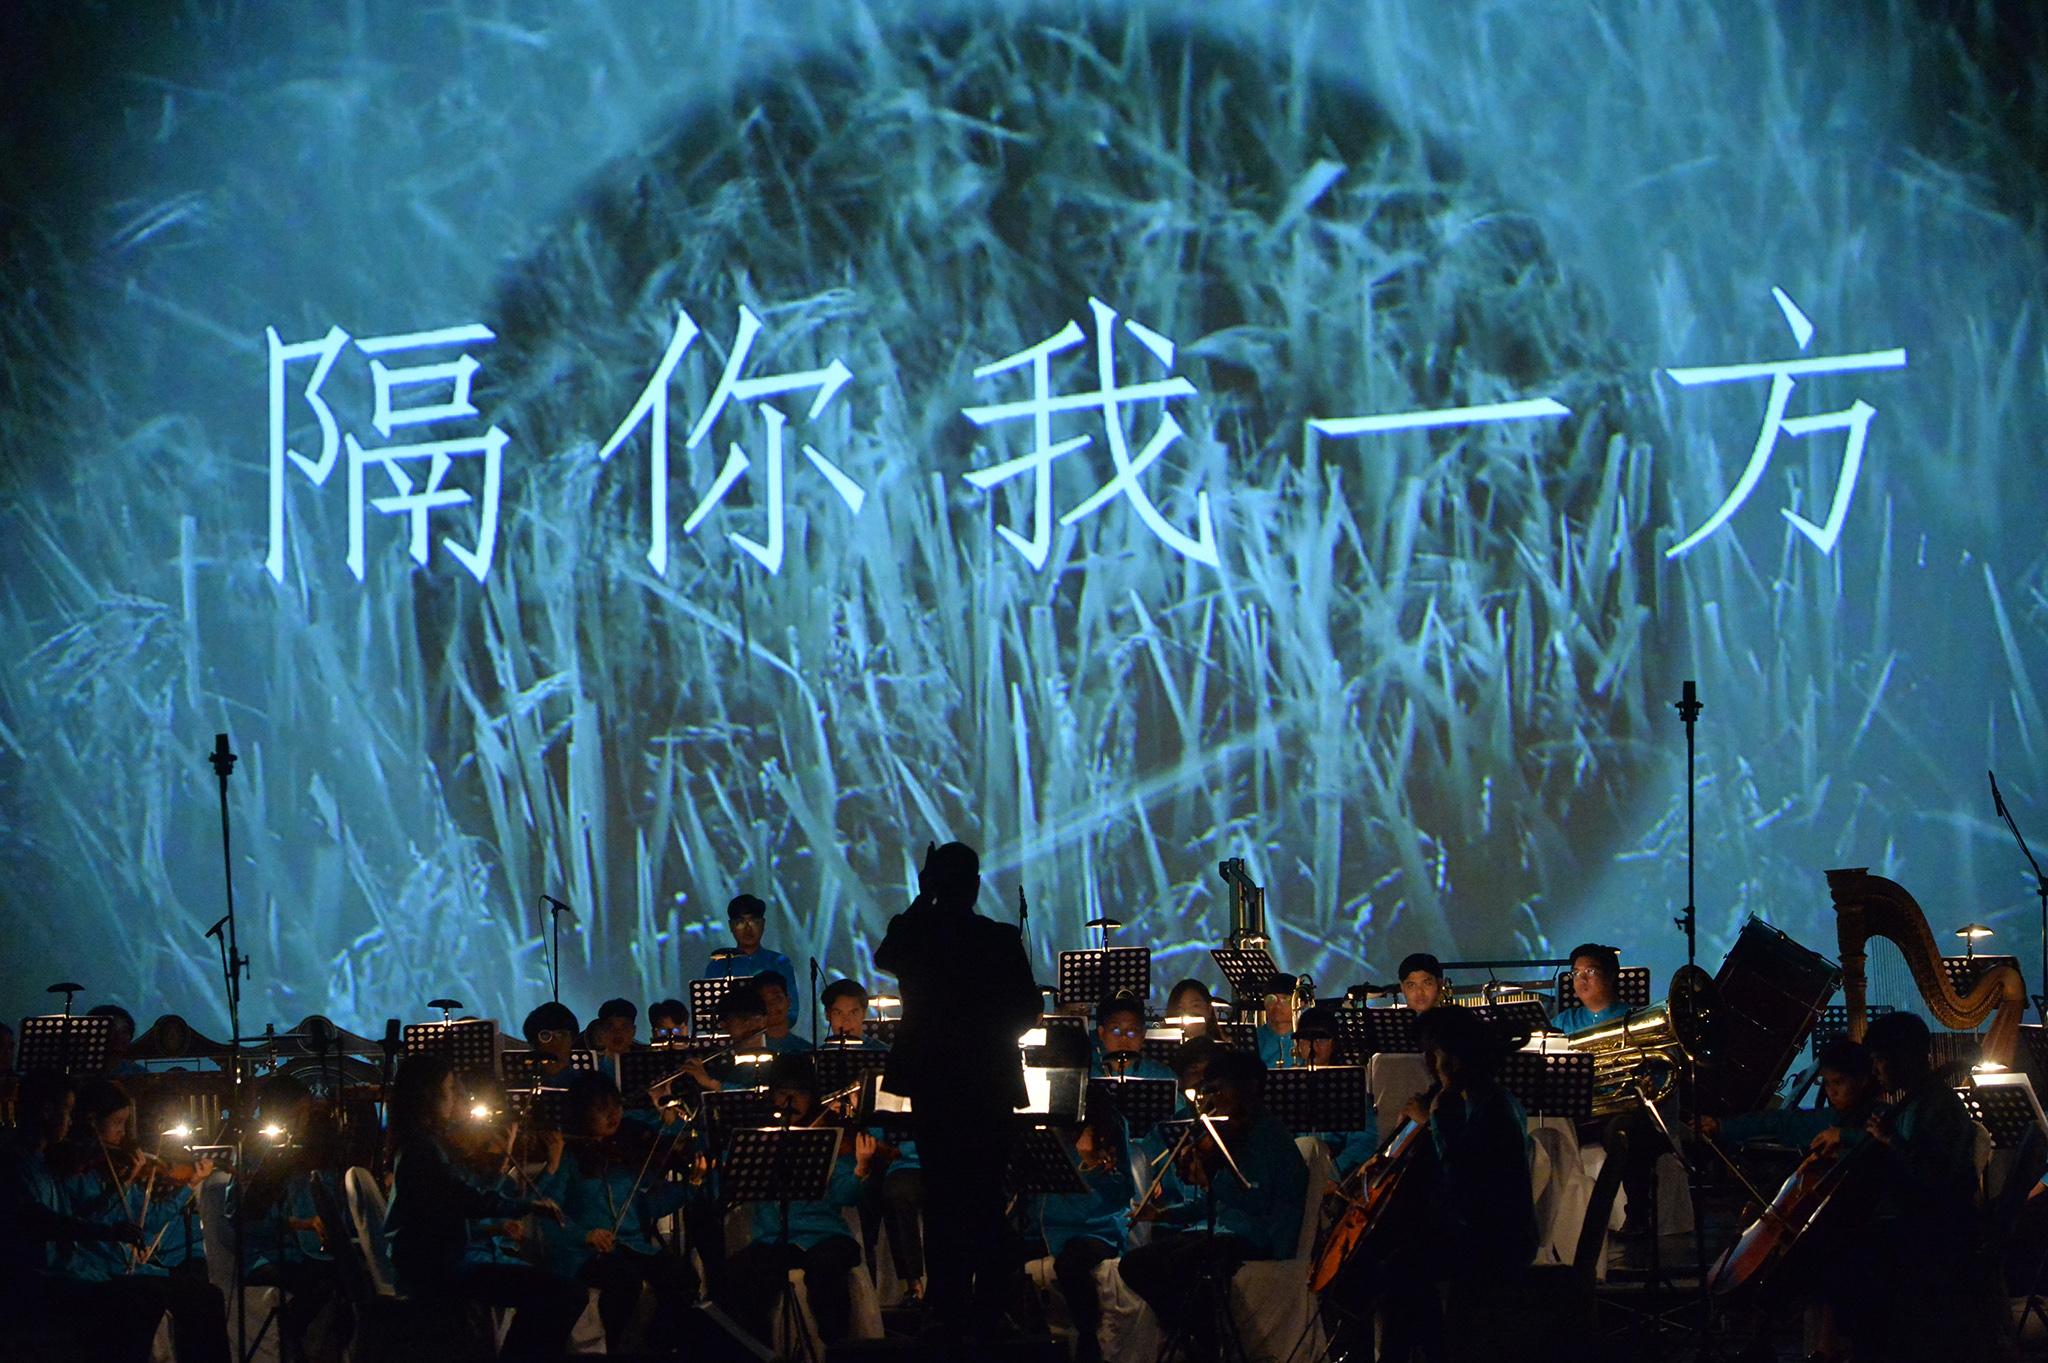 跨越疫情的音乐对话——记庆祝中泰建交45周年音乐会